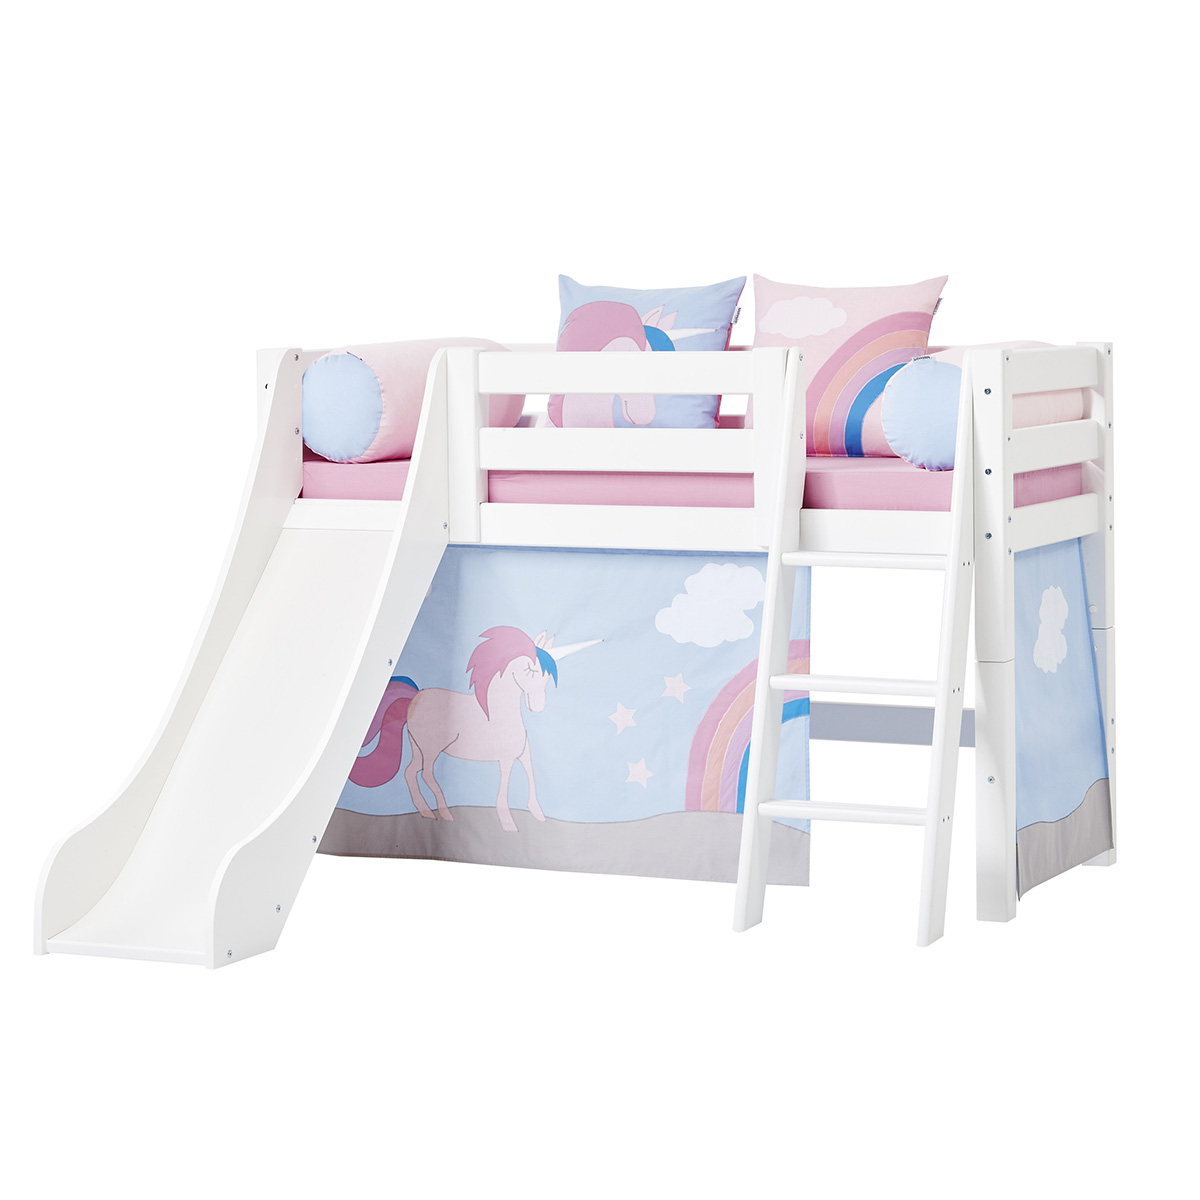 Billede af Hoppekids halvhøj seng med rutsjebane - Premium - Hvid med Unicorn